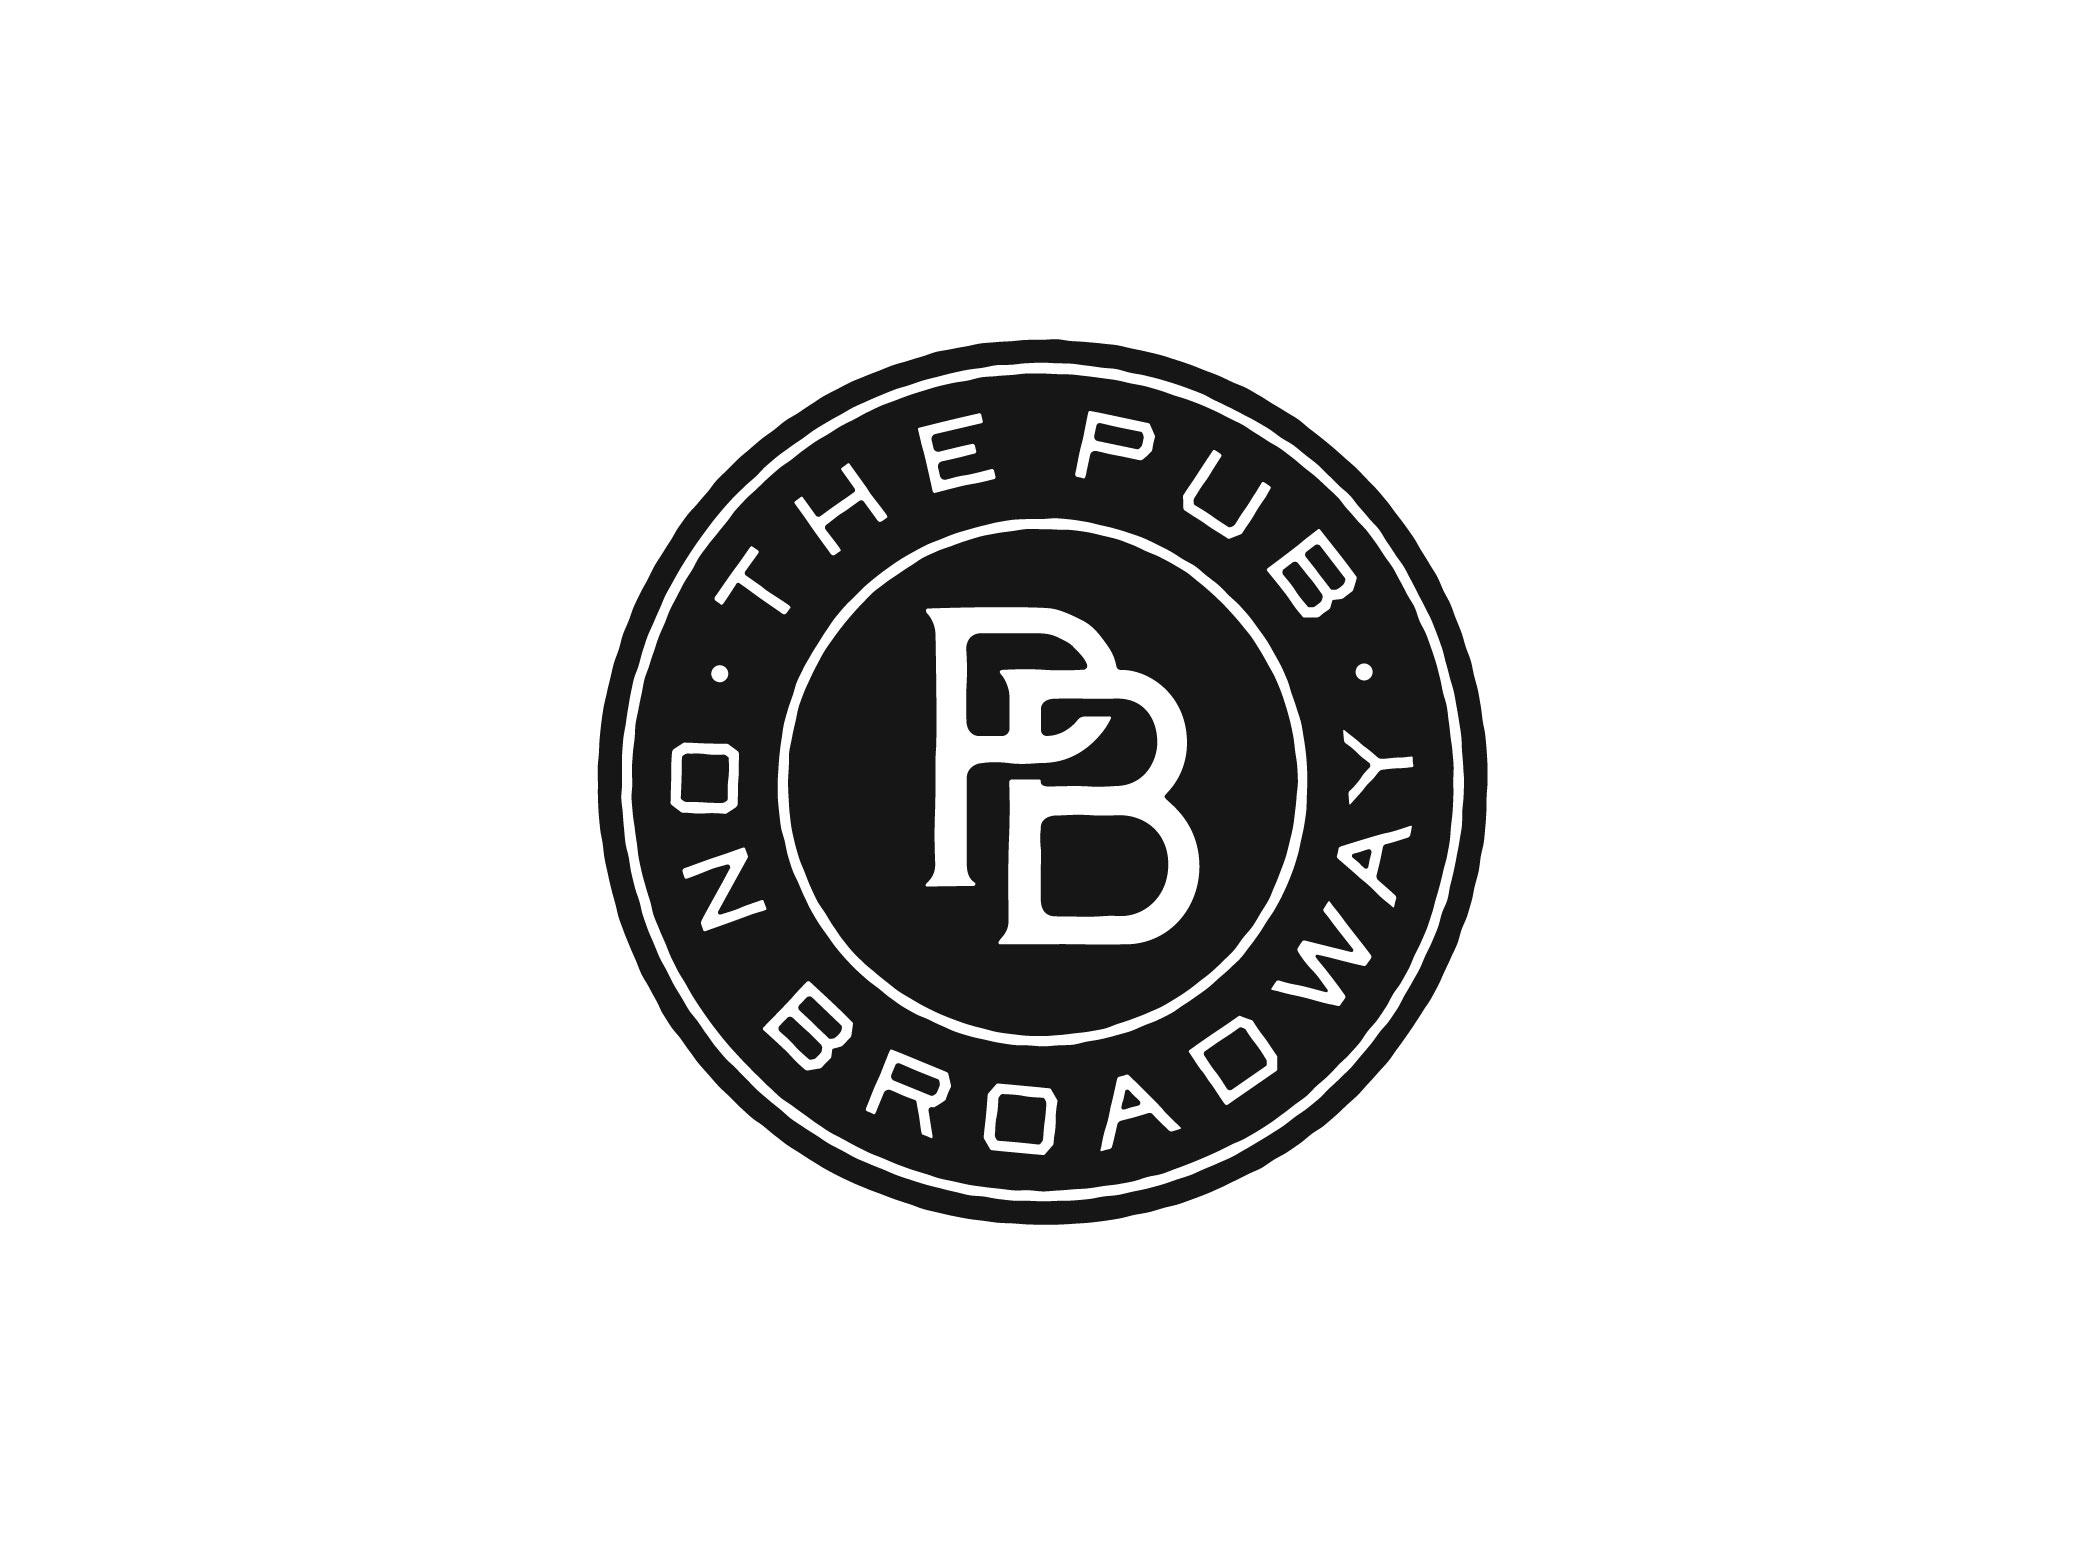 Studio Freight - The Pub Icon